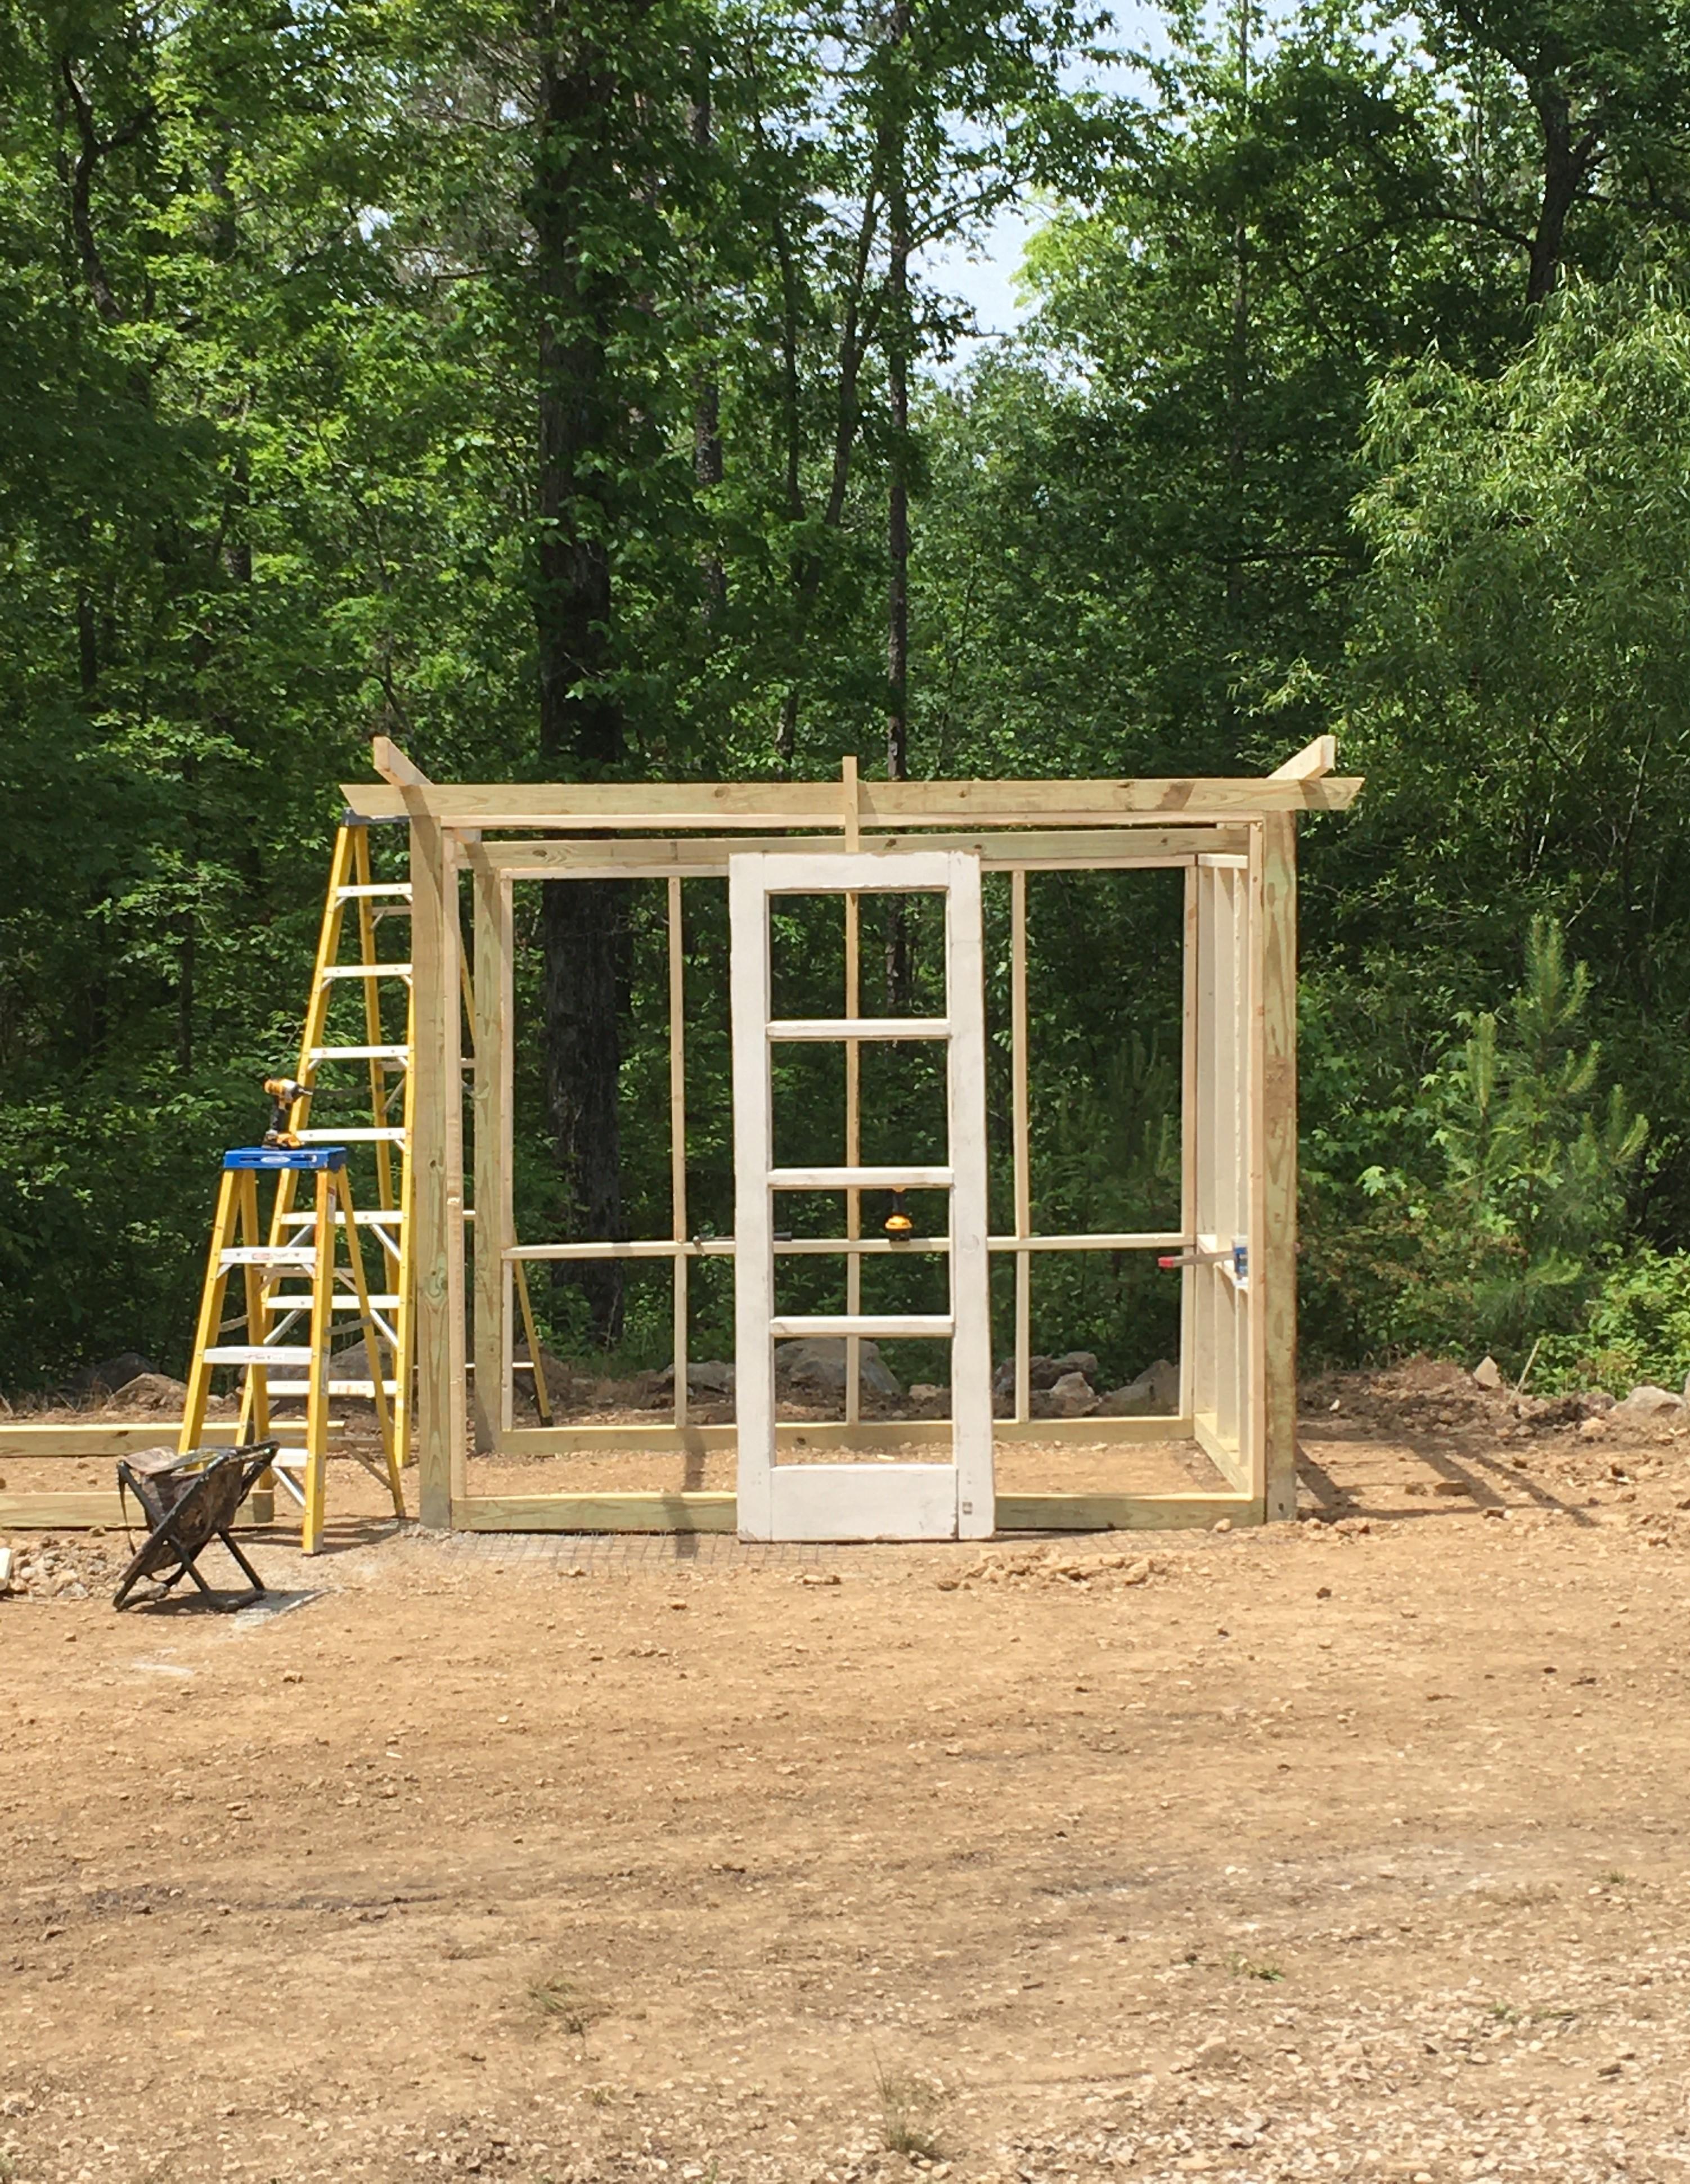 Slippy's Chicken Coop & Chicken Run Build!-coop-4.jpg